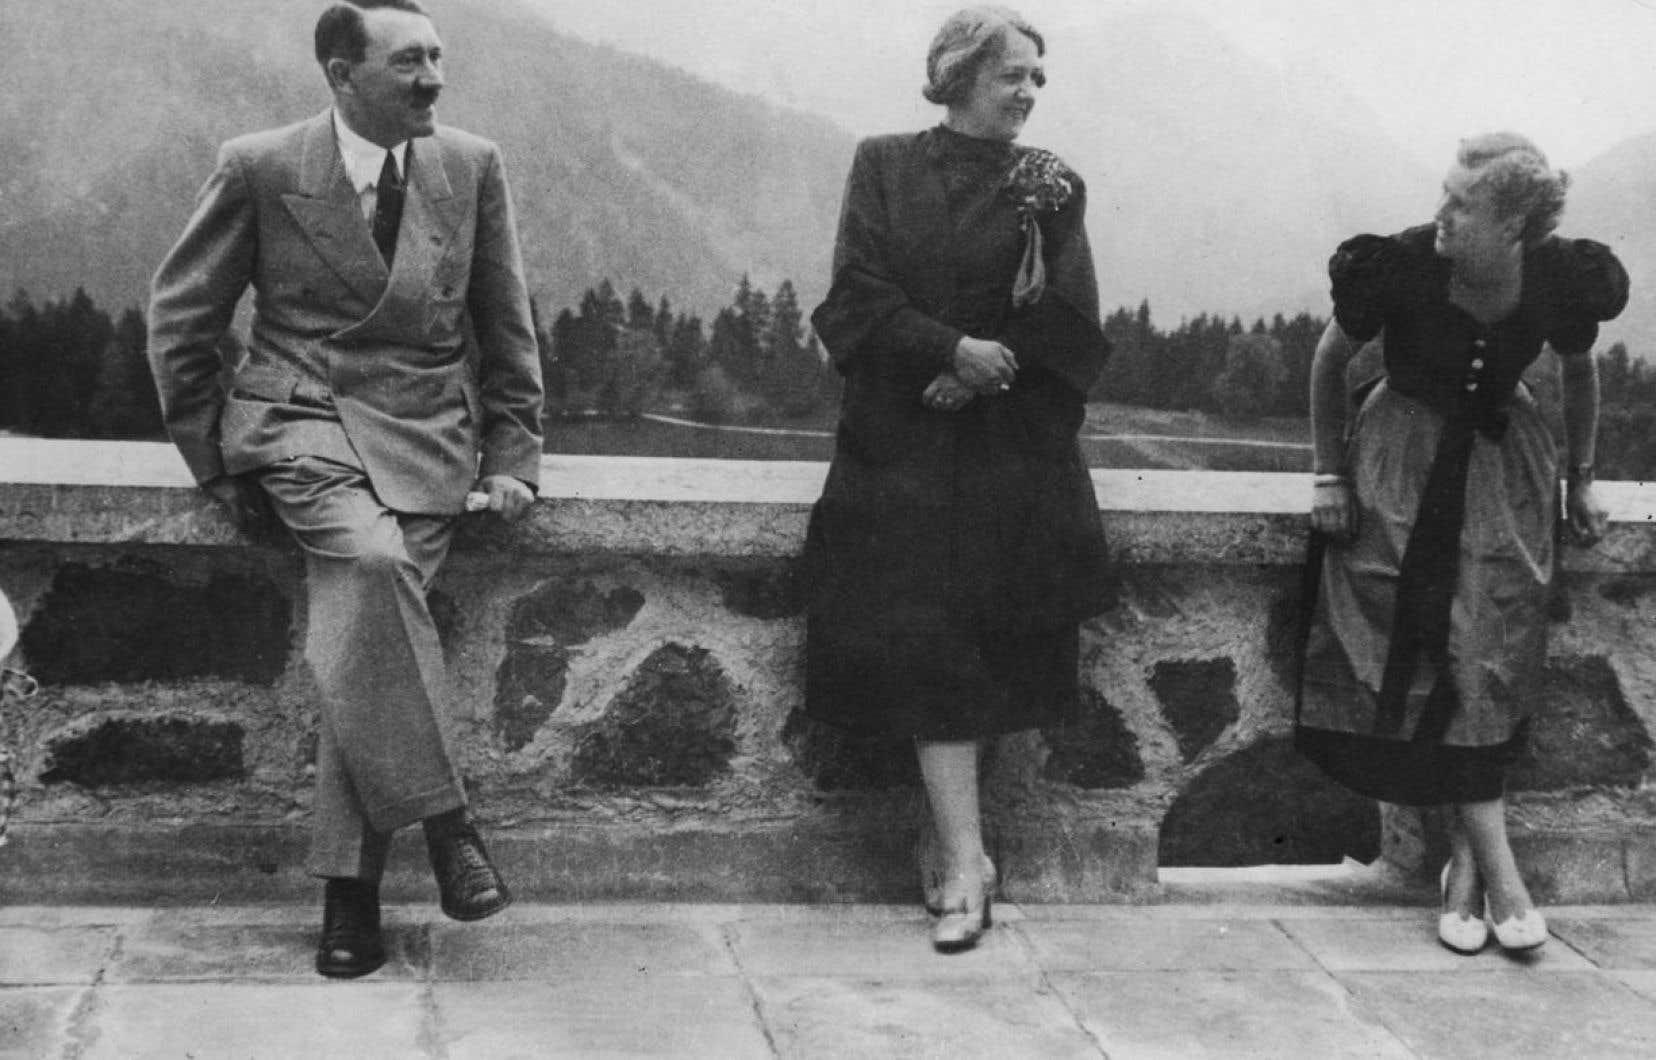 Chez Adolf Hitler, la sexualité passe essentiellement par ses redoutables talents d'orateur.